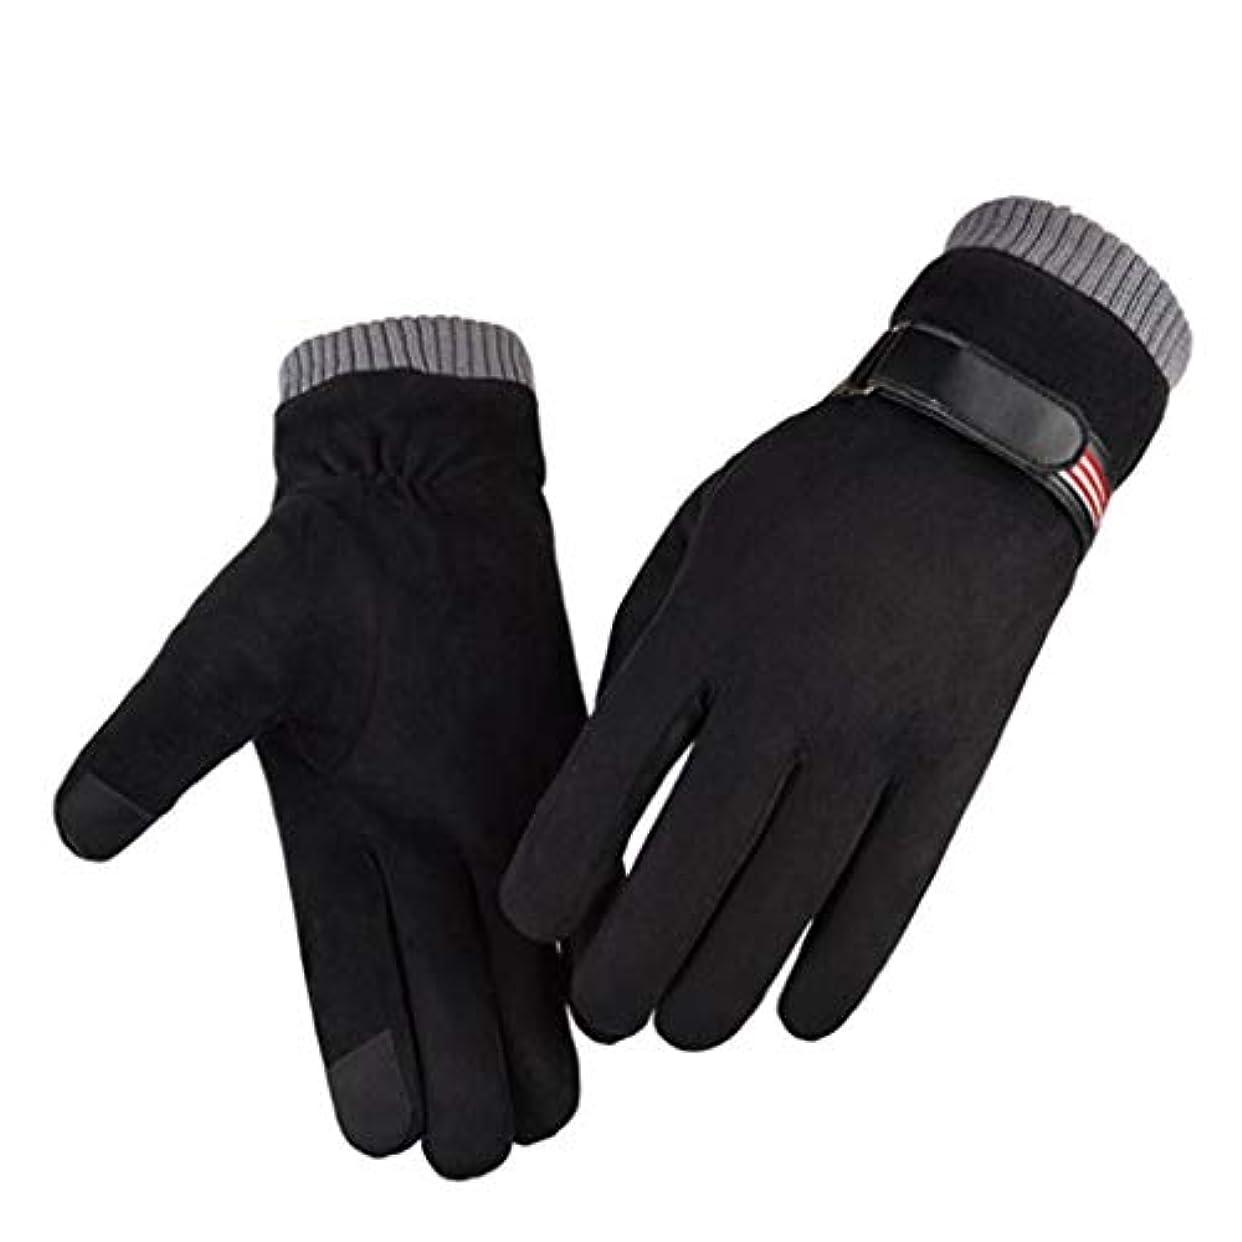 幻想きれいに合法革手袋男性の秋と冬のファッションプラスベルベット厚い暖かい防風コールドライドアンチスキッドタッチスクリーンスエード手袋の男性